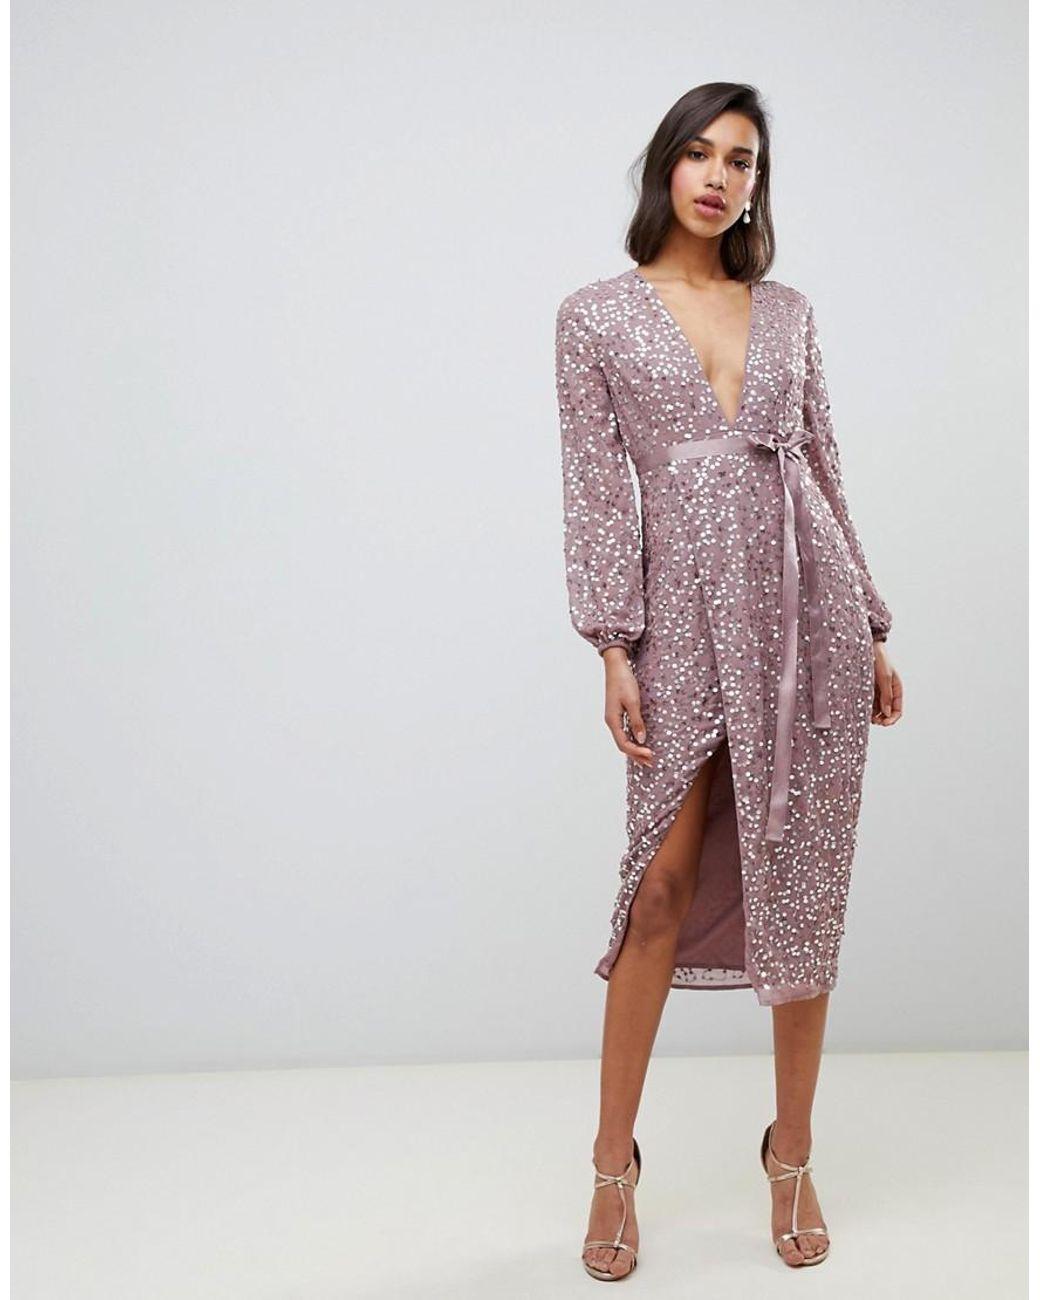 33980eb3adf6 Vestido midi con lentejuelas dispersas y lazo en la cintura de mujer de  color rosa